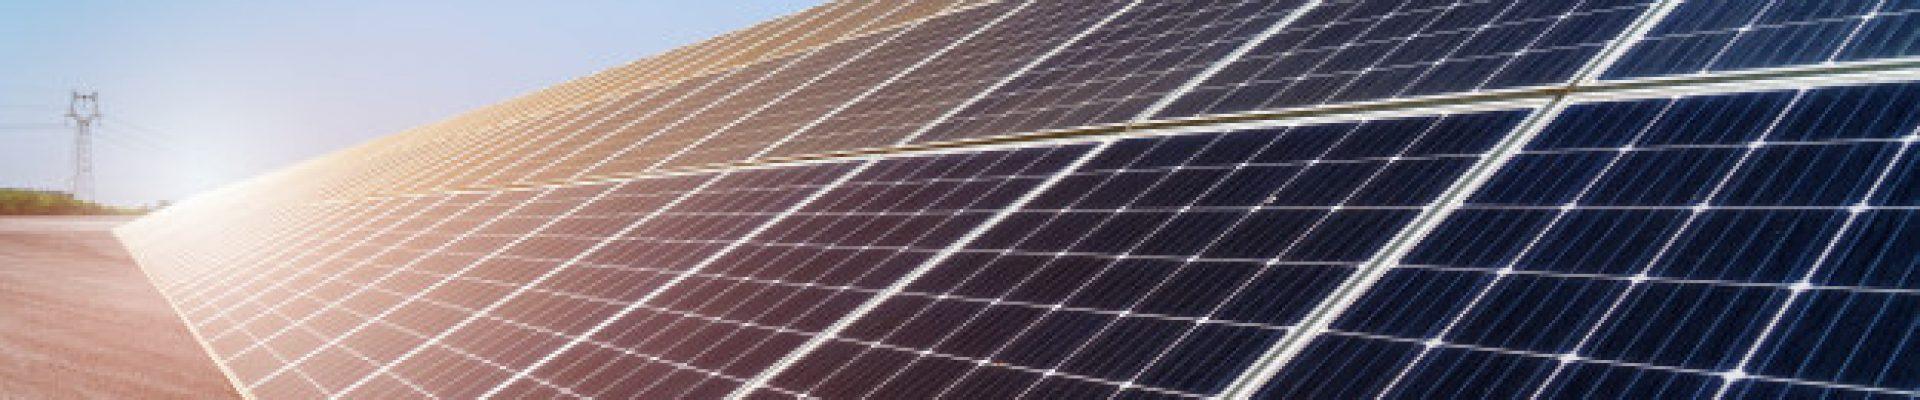 modulos-fotovoltaicos-energias-renovables_1417-6803